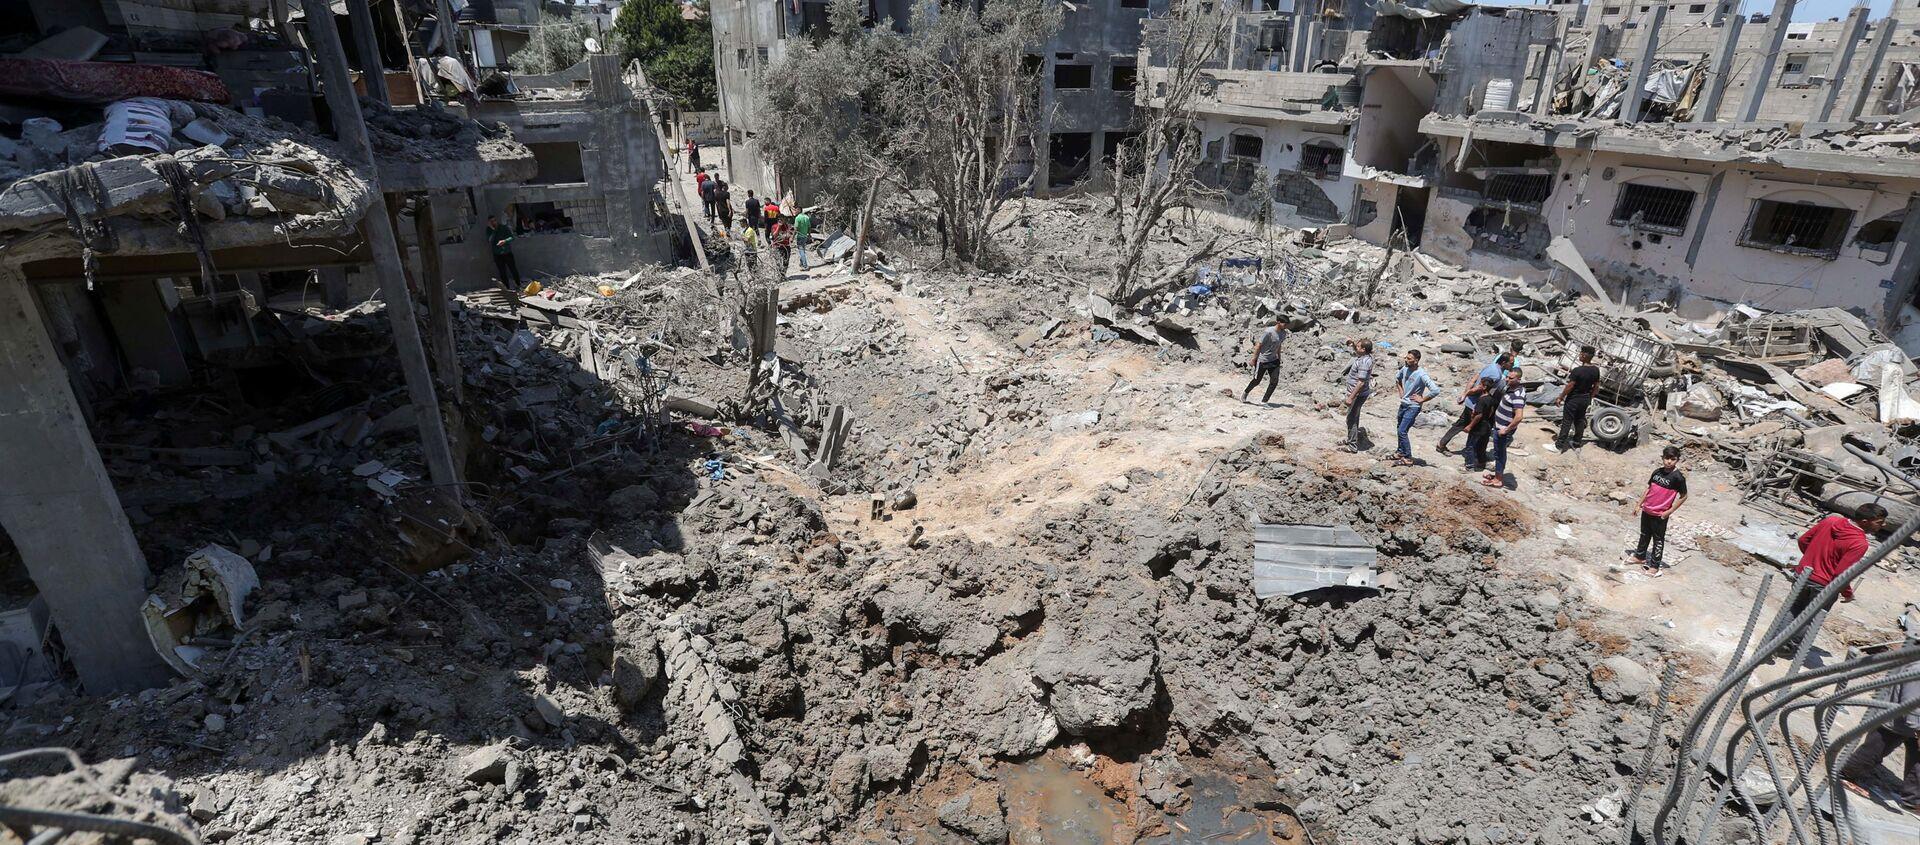 Палестинцы собираются на месте разрушенных домов после израильских авиационных и артиллерийских ударов в секторе Газа - Sputnik 日本, 1920, 16.05.2021